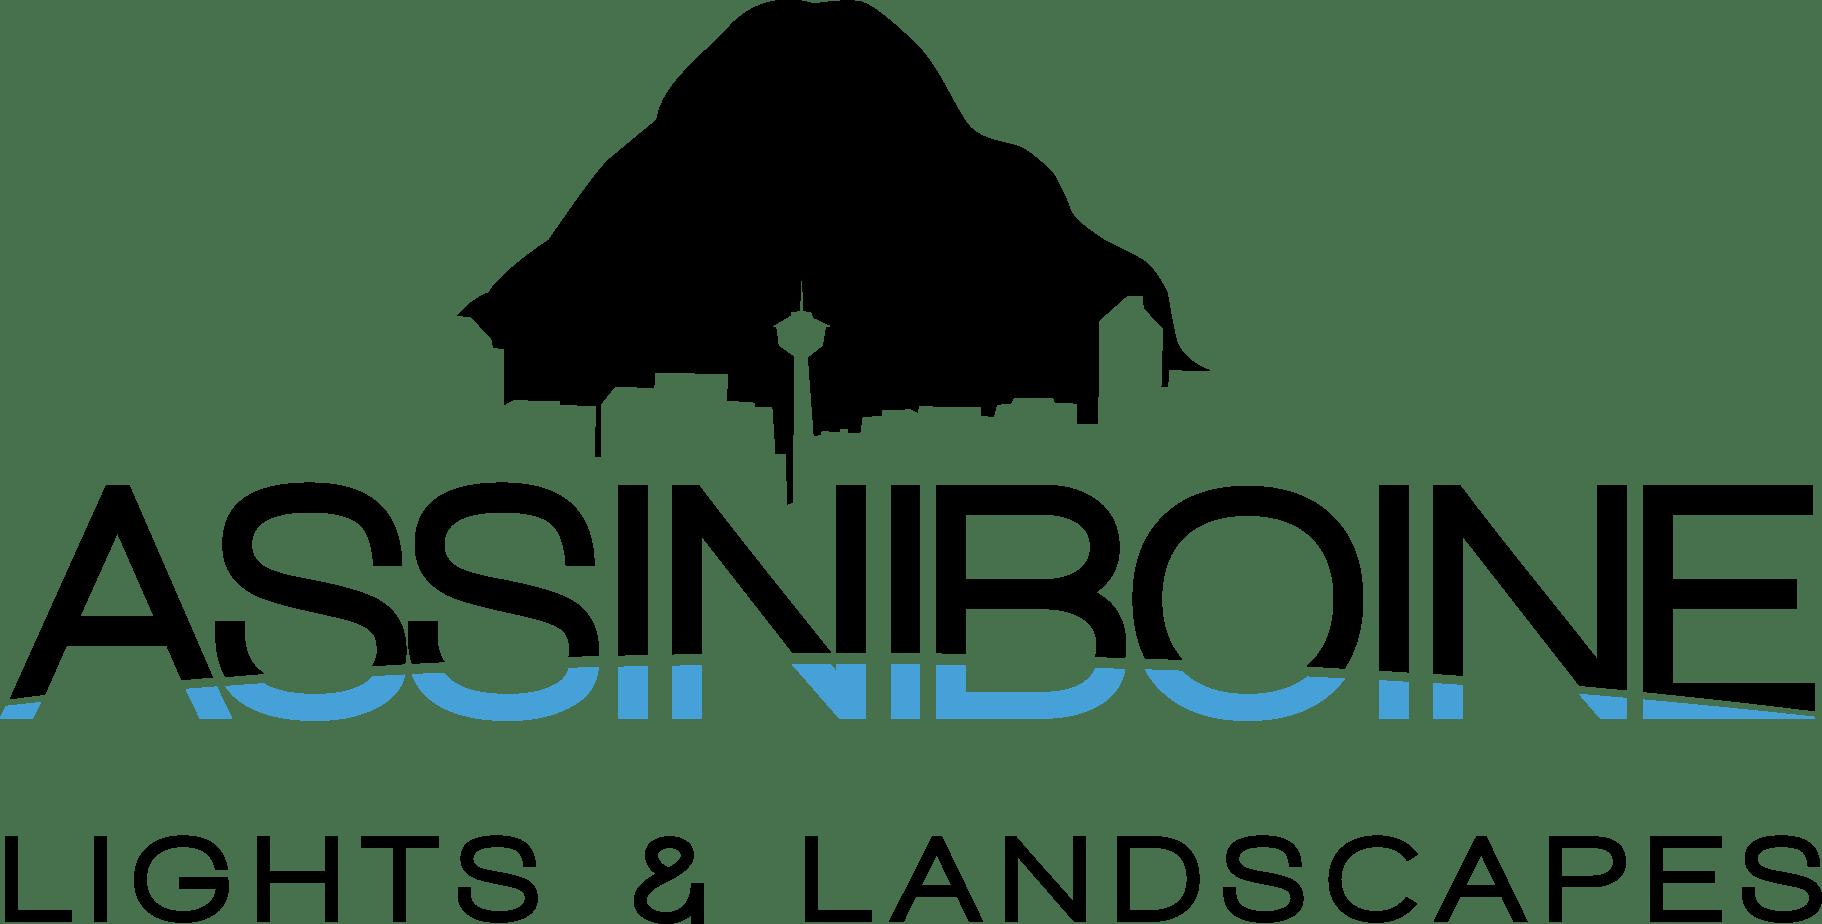 Calgary Landscaping Company